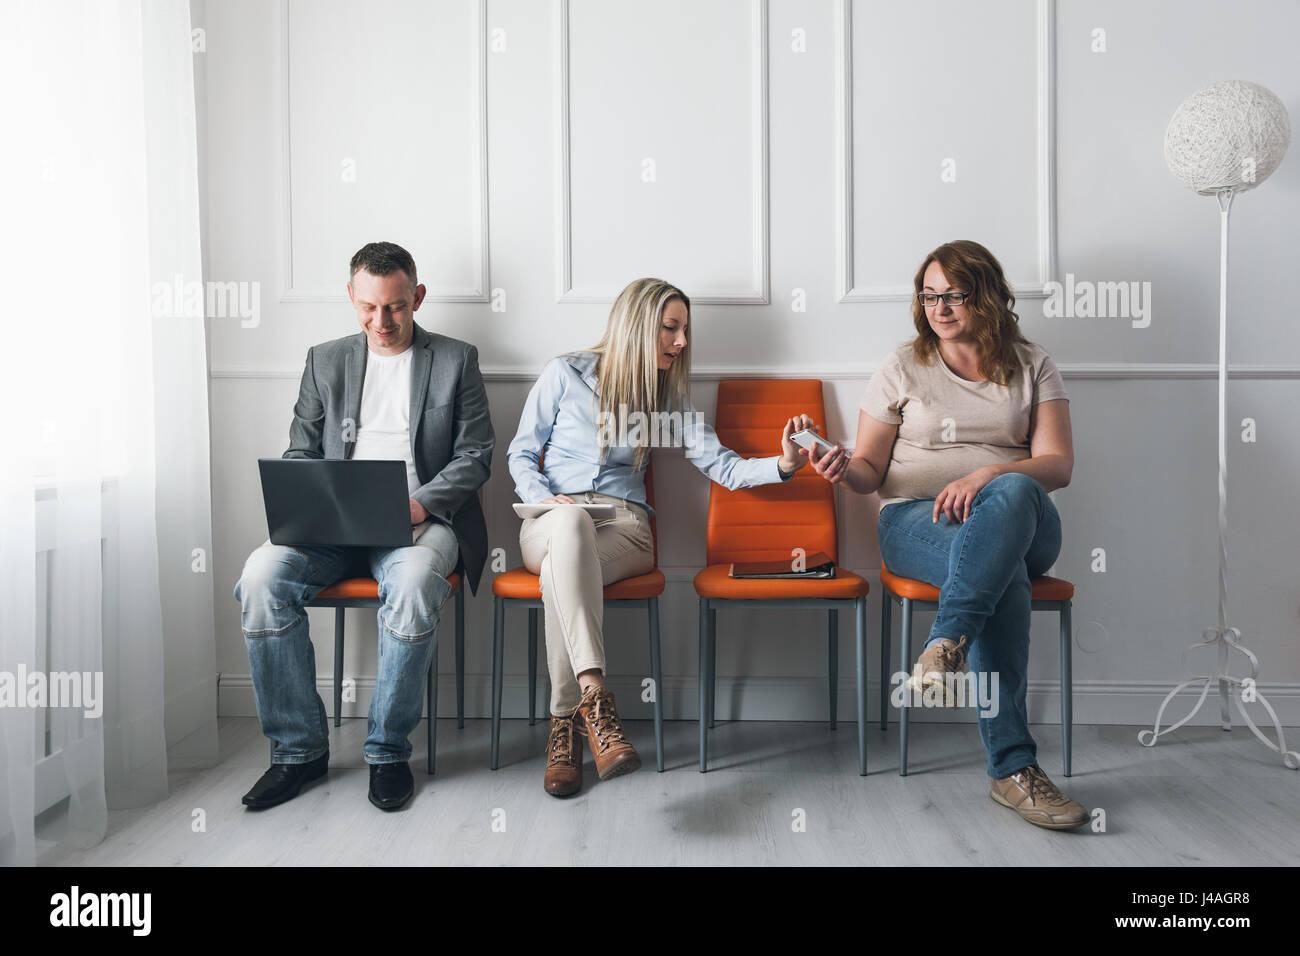 Un grupo de jóvenes creativos sentadas en sillas en la sala de espera. Imagen De Stock